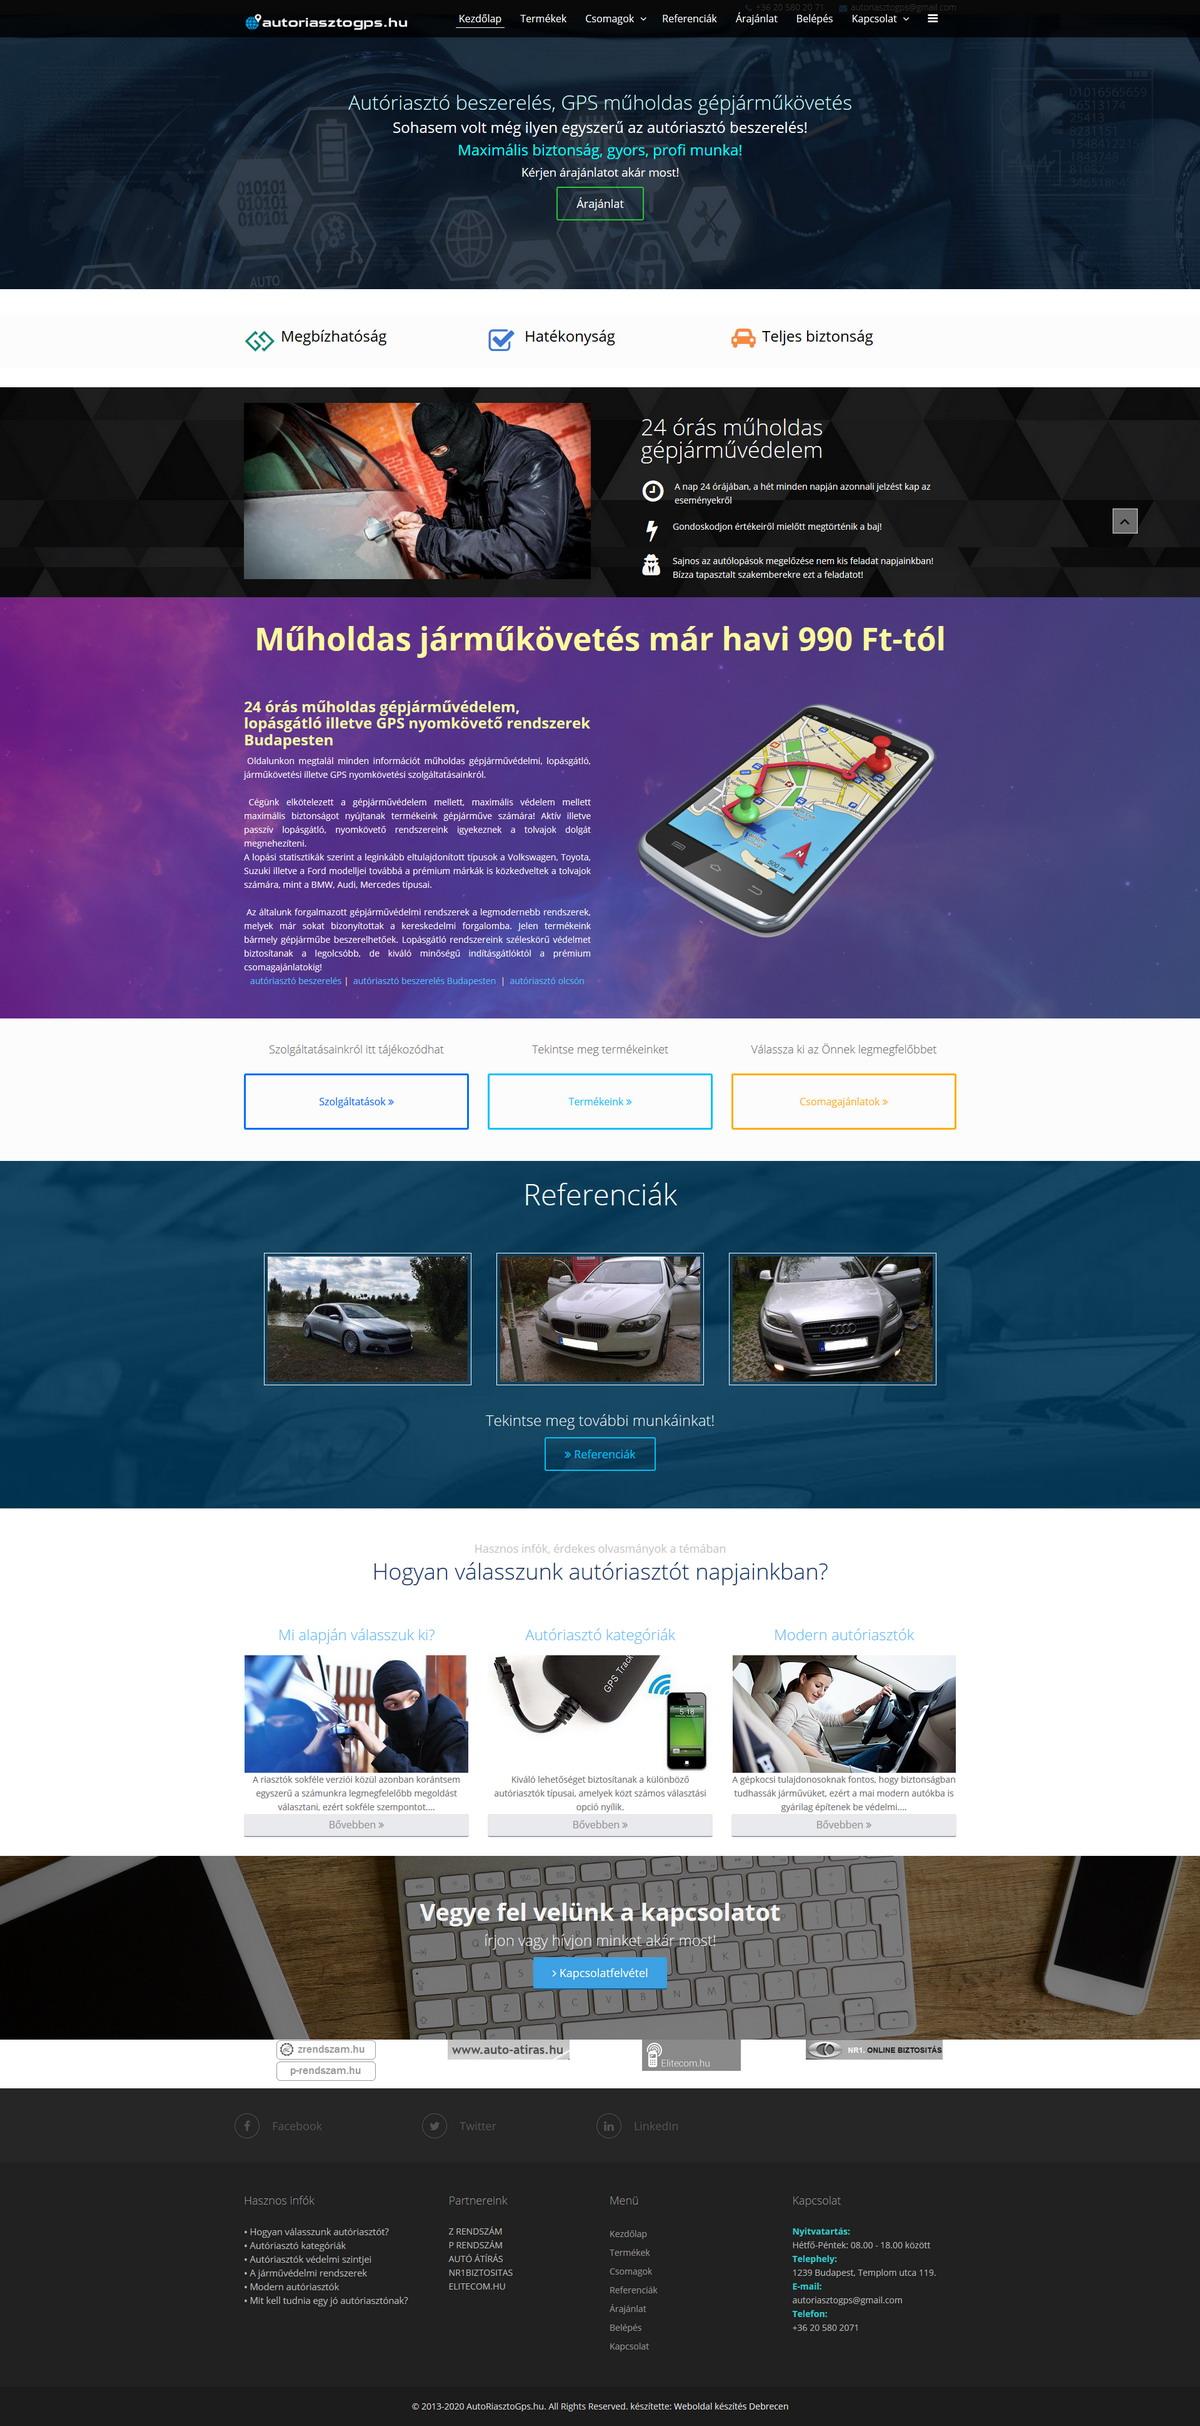 Autoriasztogps.hu | Autóriasztó Beszerelés Budapest